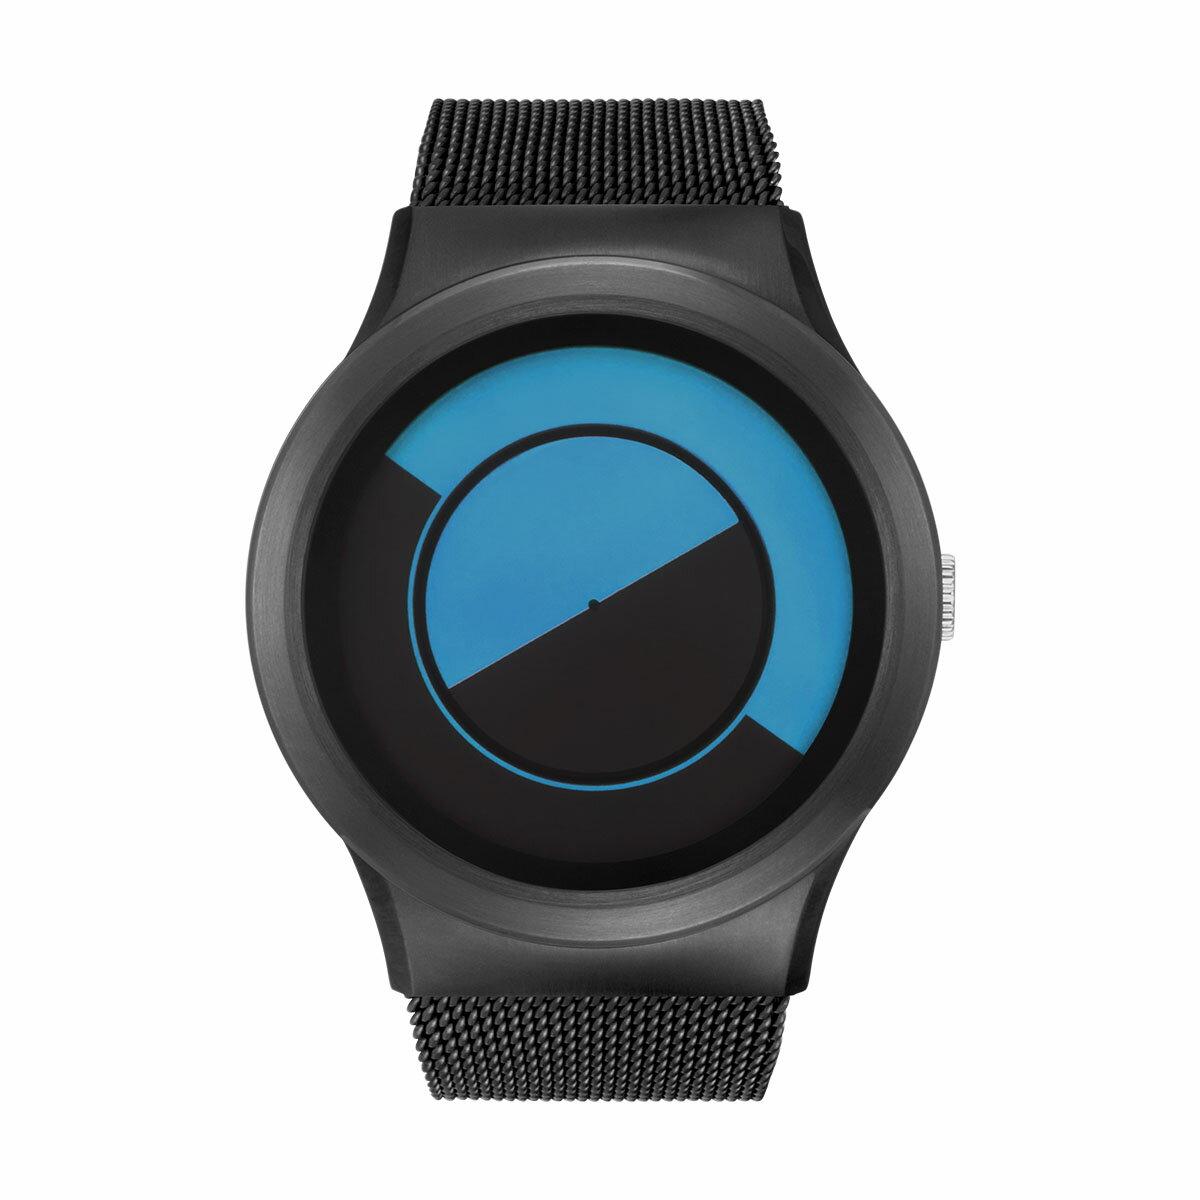 ZEROO QUARTER MOON ゼロ 電池式クォーツ 腕時計 [W08032B03SM03] ブルー デザインウォッチ ペア用 メンズ レディース ユニセックス おしゃれ時計 デザイナーズ